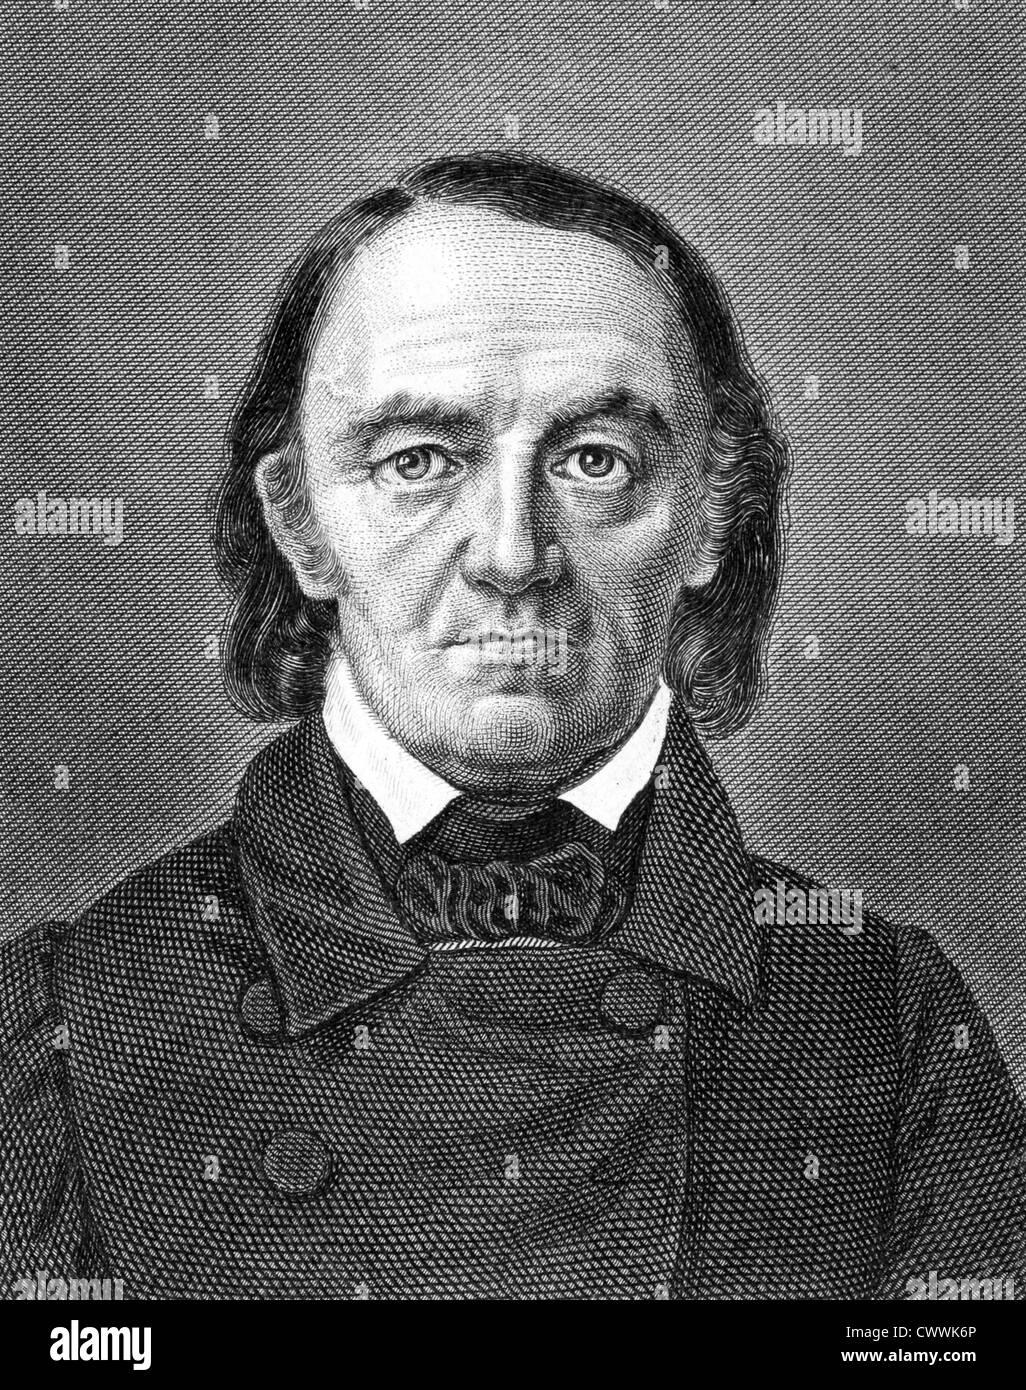 Carl Barth (1787-1853) auf Kupferstich aus dem Jahr 1859. Deutscher Zeichner und Kupferstecher. Stockbild